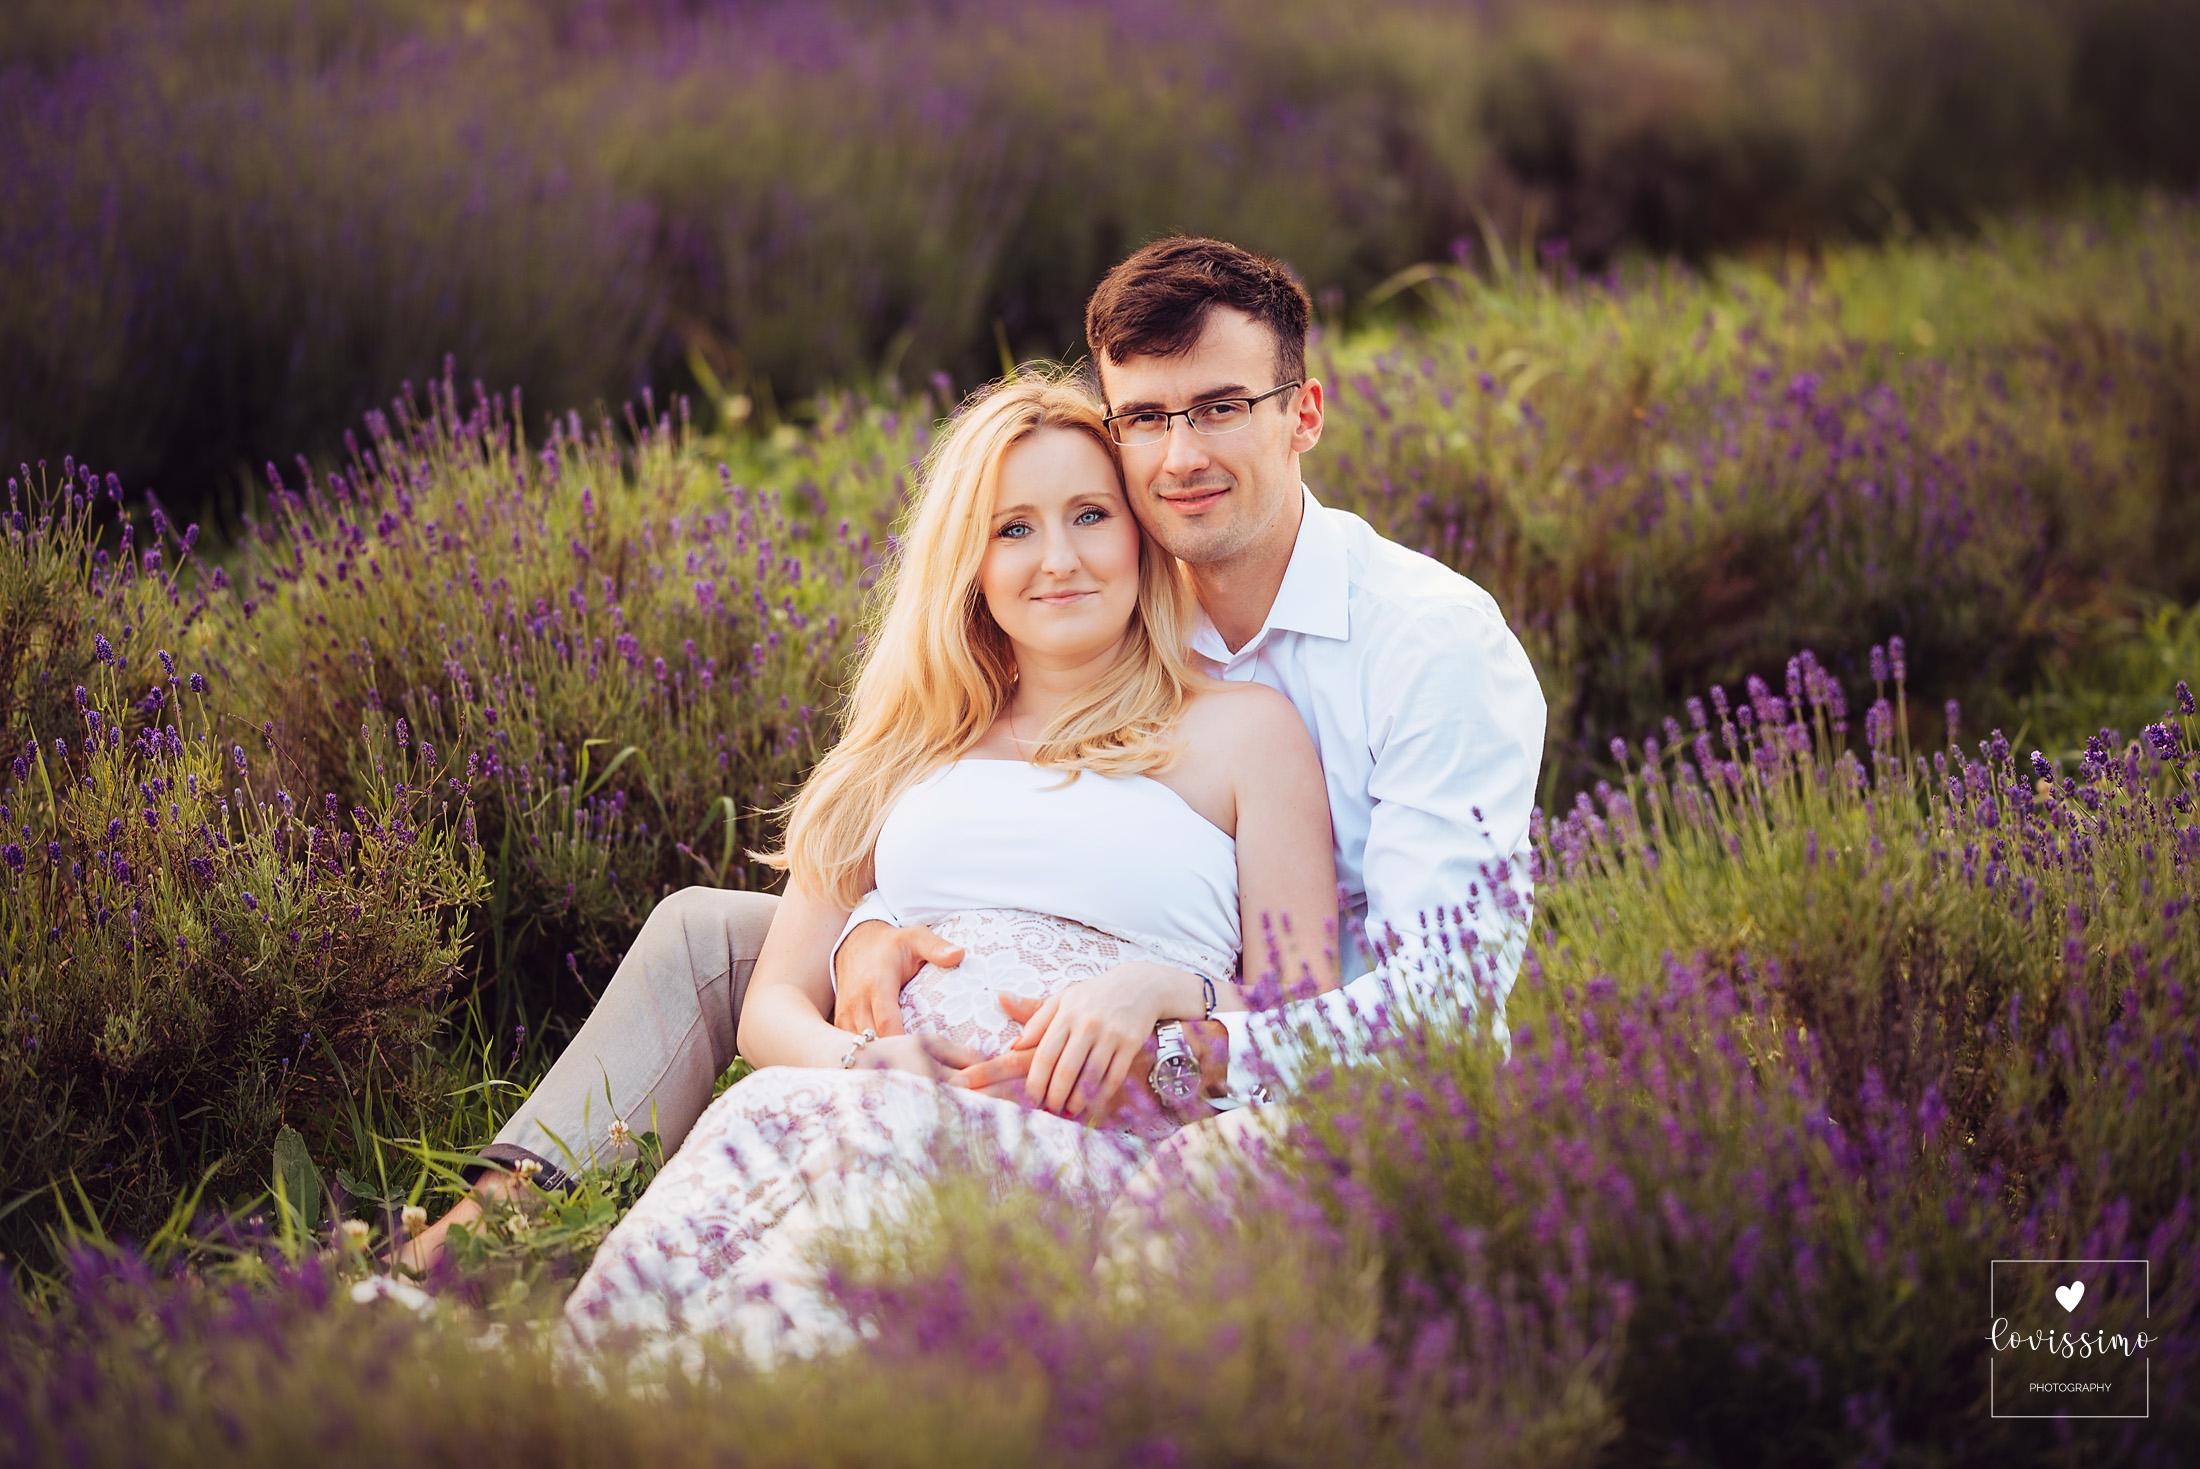 Sesja ciążowa w lawendzie, lawendowe pole Rzeszów